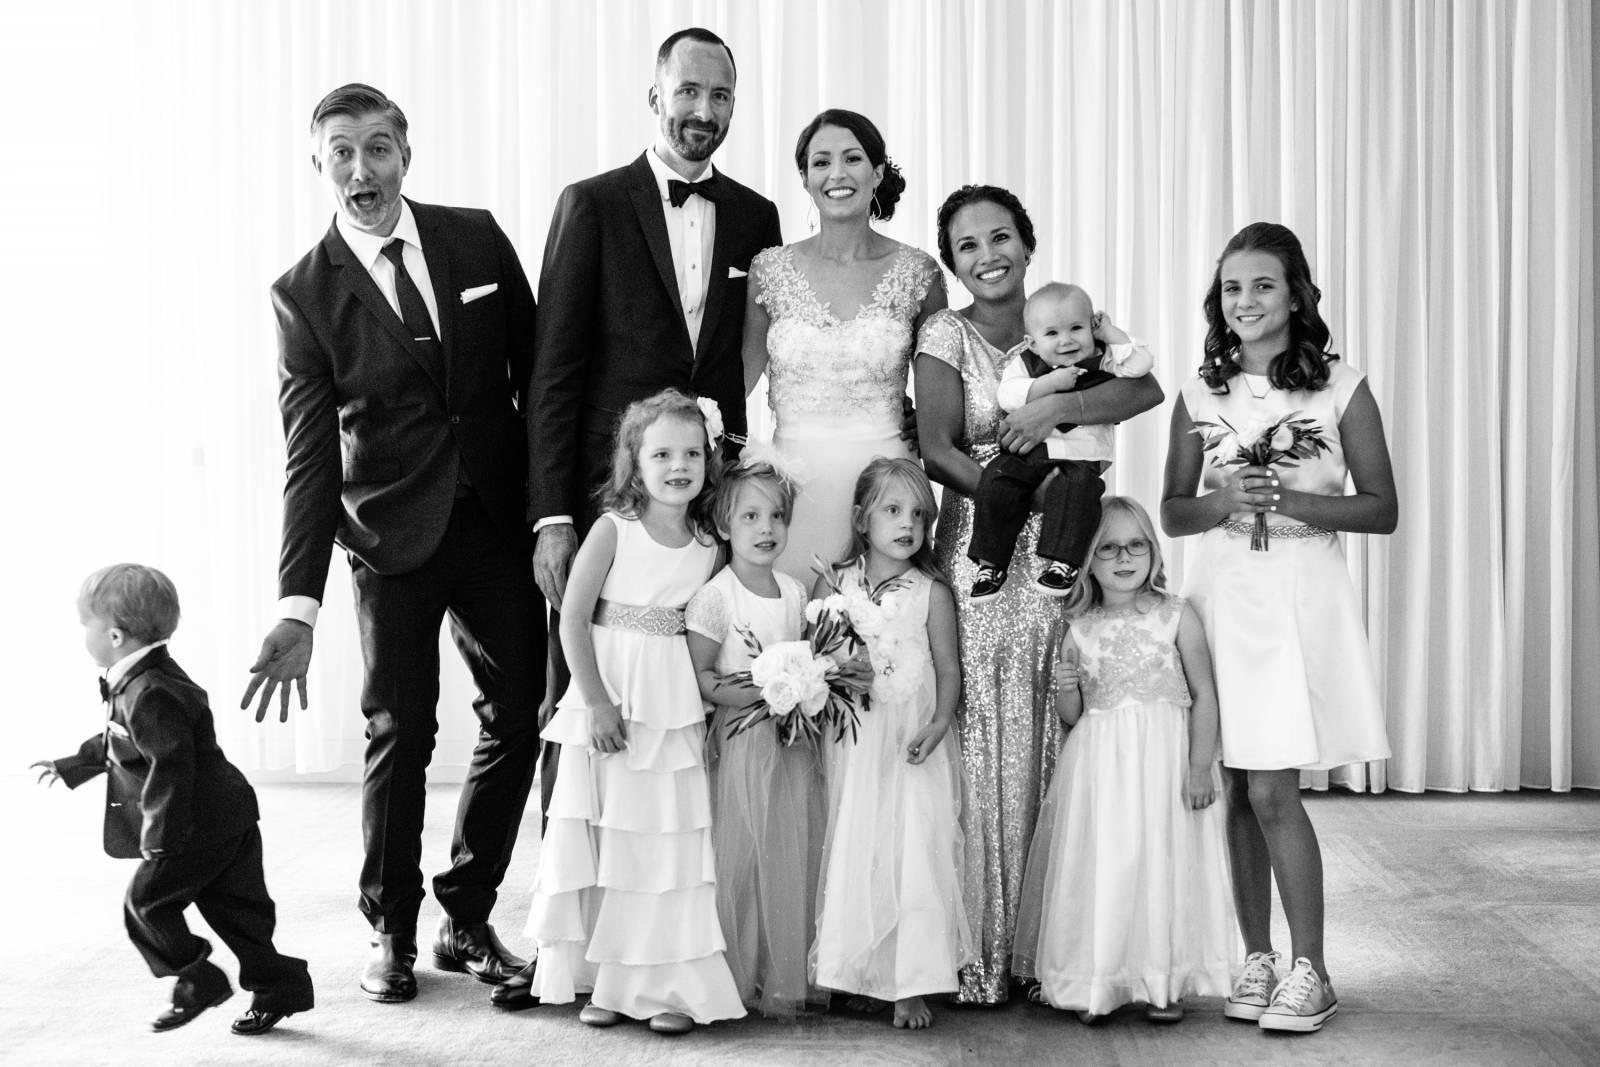 Yves Schepers Photography - Fotograaf - Huwelijksfotograaf - Trouwfotograaf - Bruidsfotograaf - House of Weddings - 6